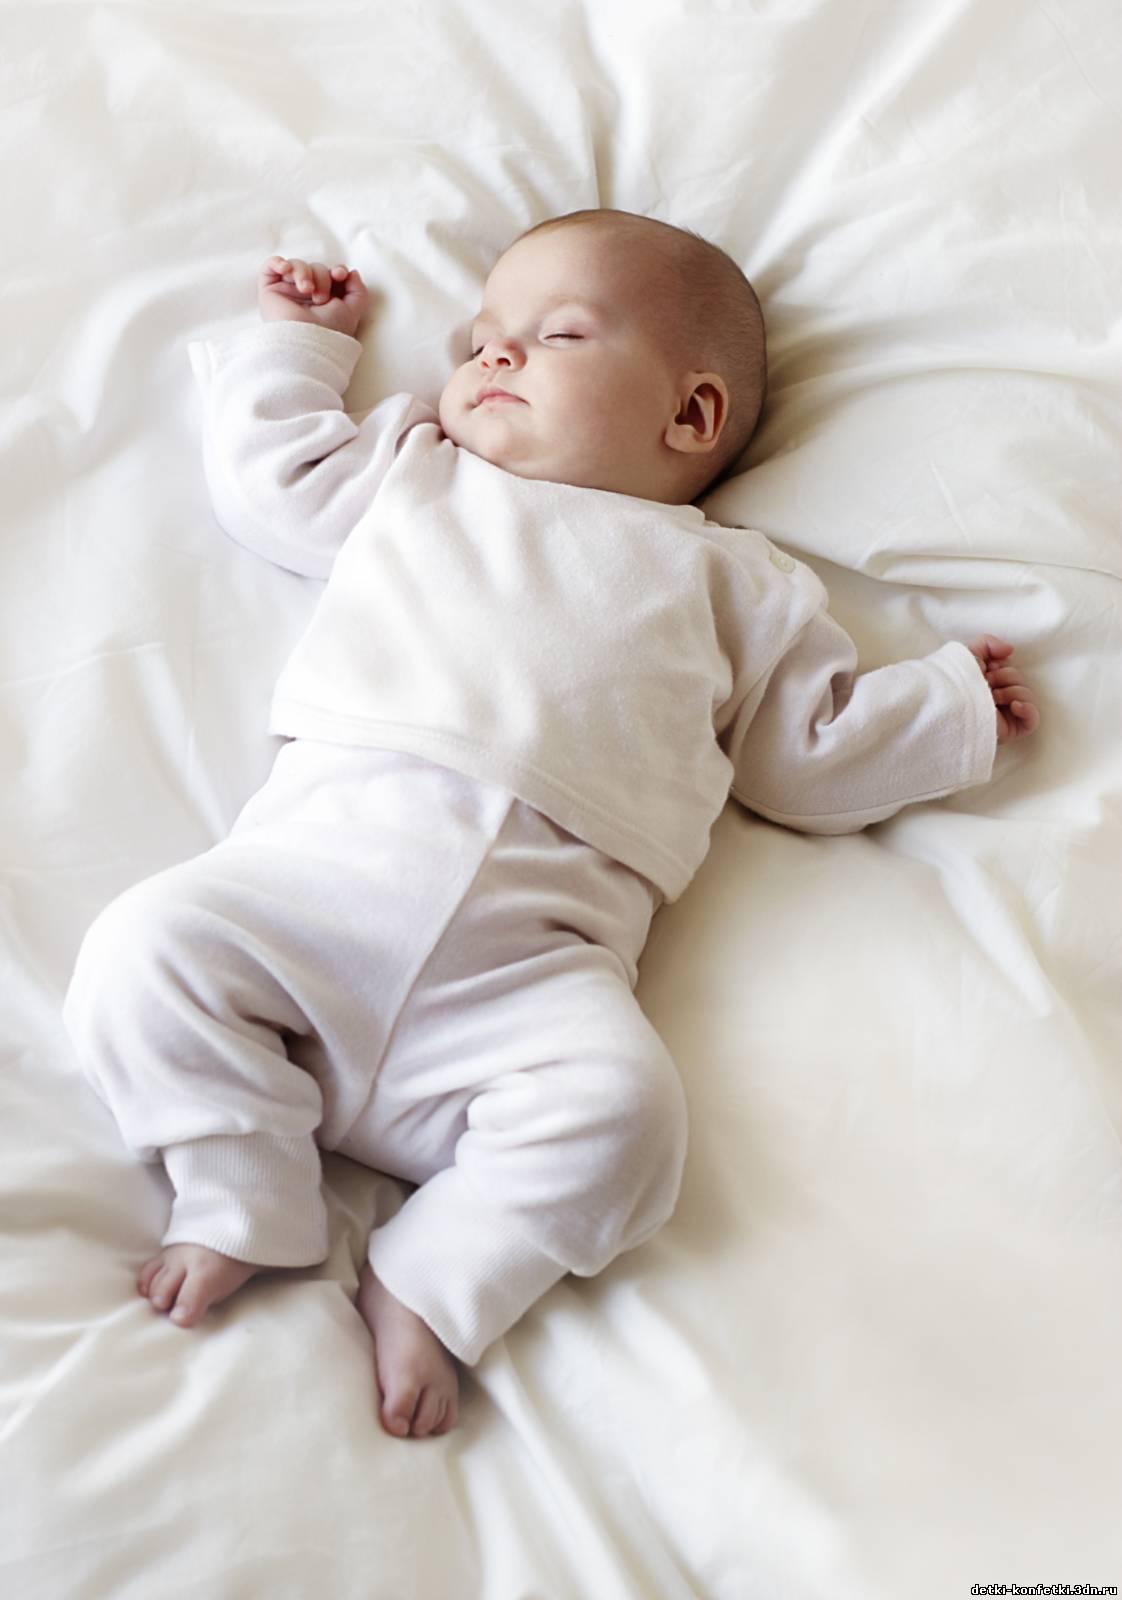 Спят без одежды фото 11 фотография